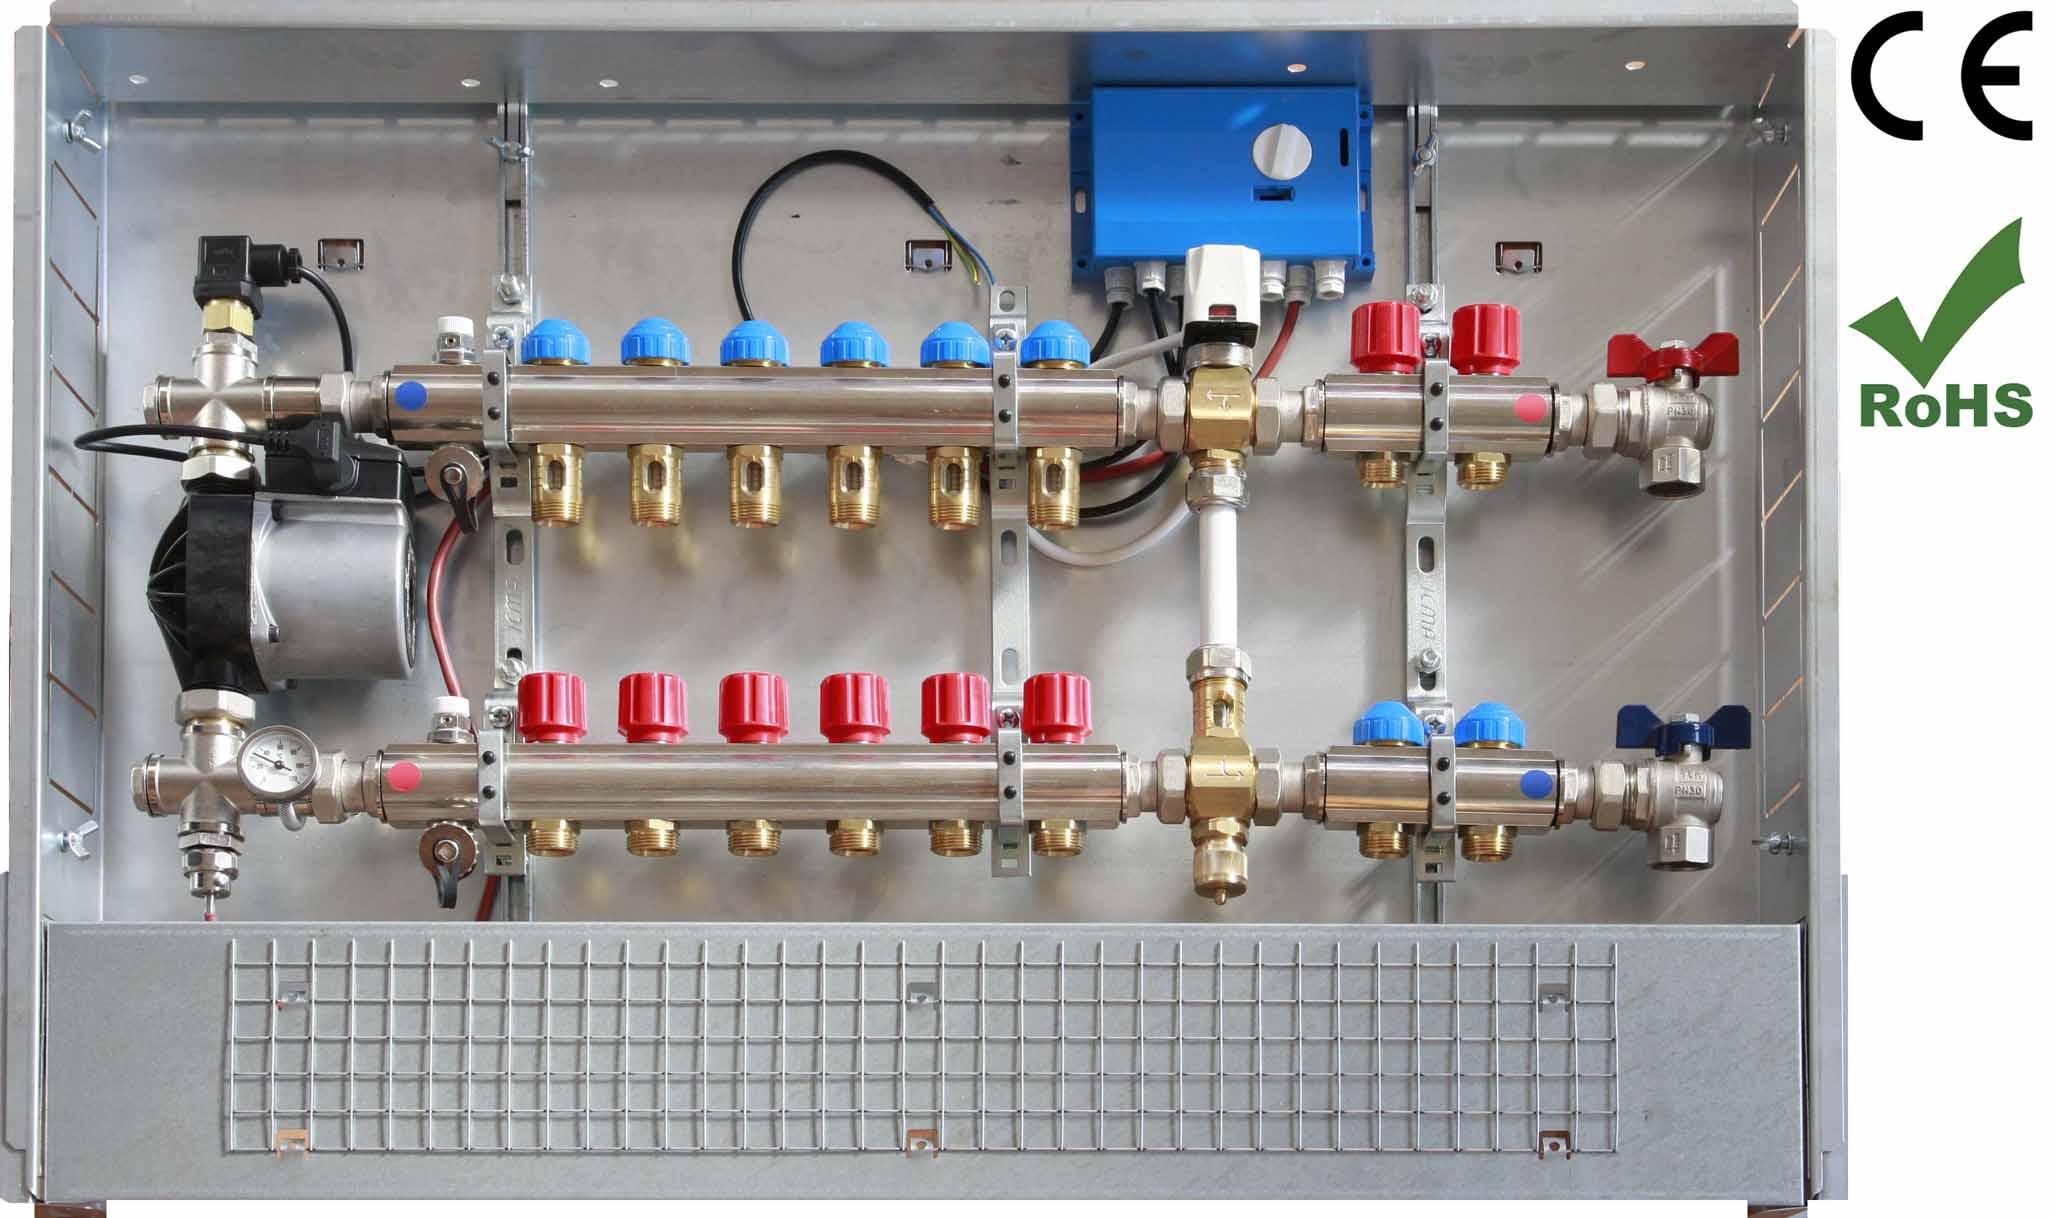 Sistemi di termoregolazione per impianti di riscaldamento. - Comisa